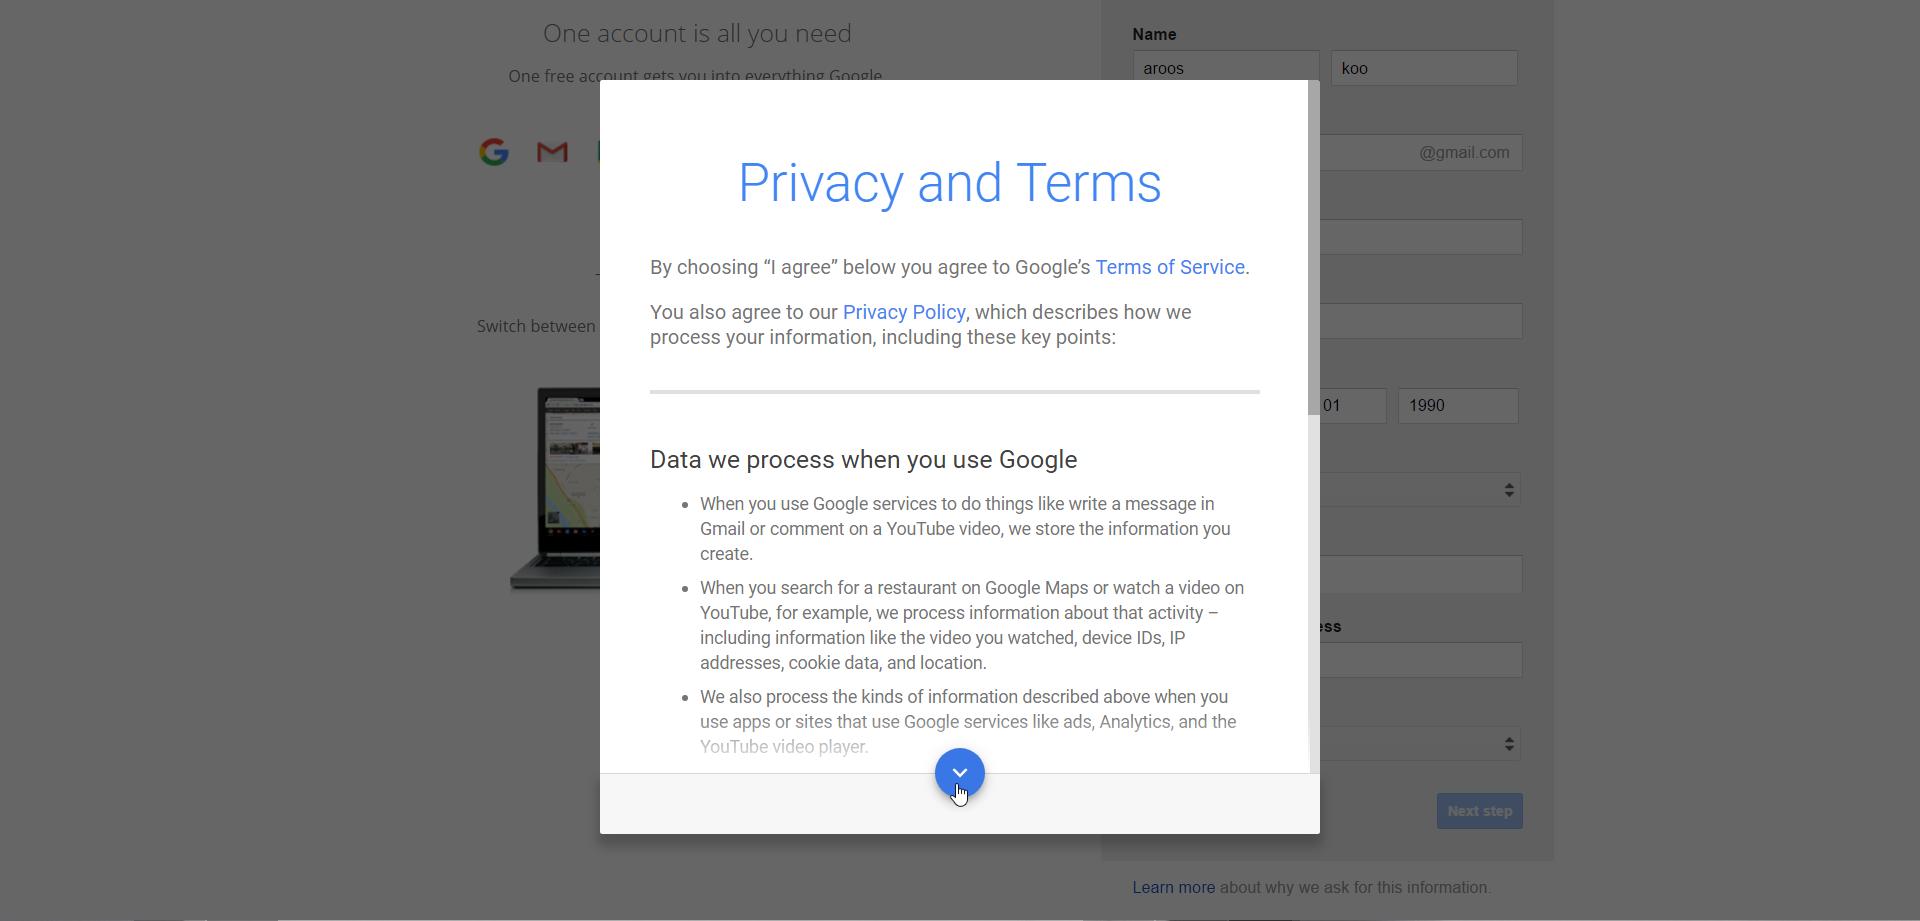 قوانین گوگل را مطالعه کنید و بعد تائید نمائید